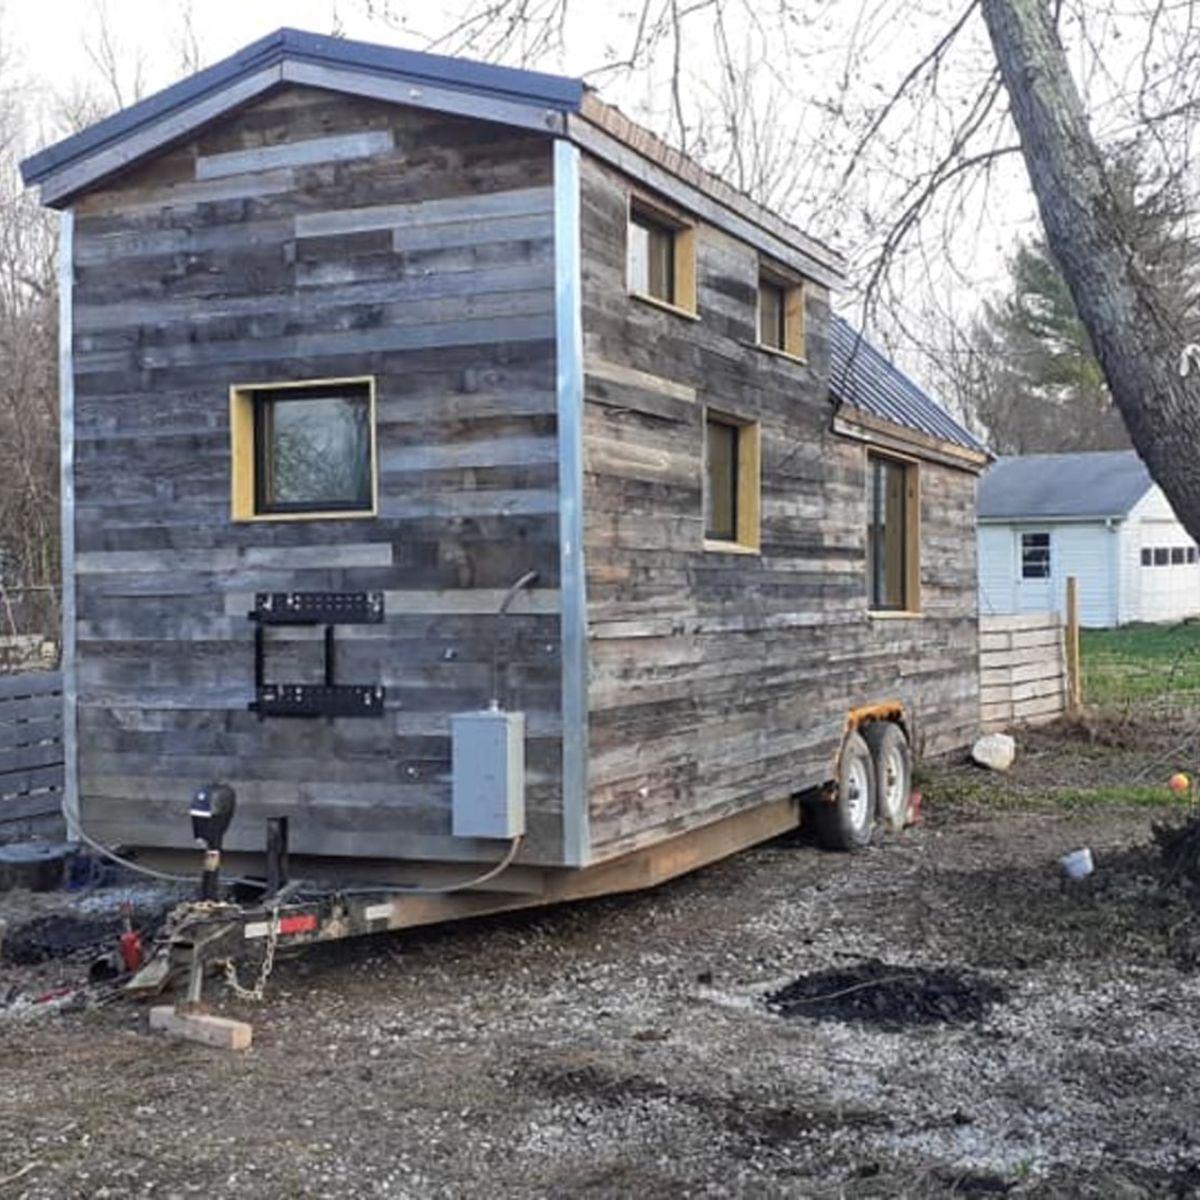 Pin On Gypsy Wagon Ideas